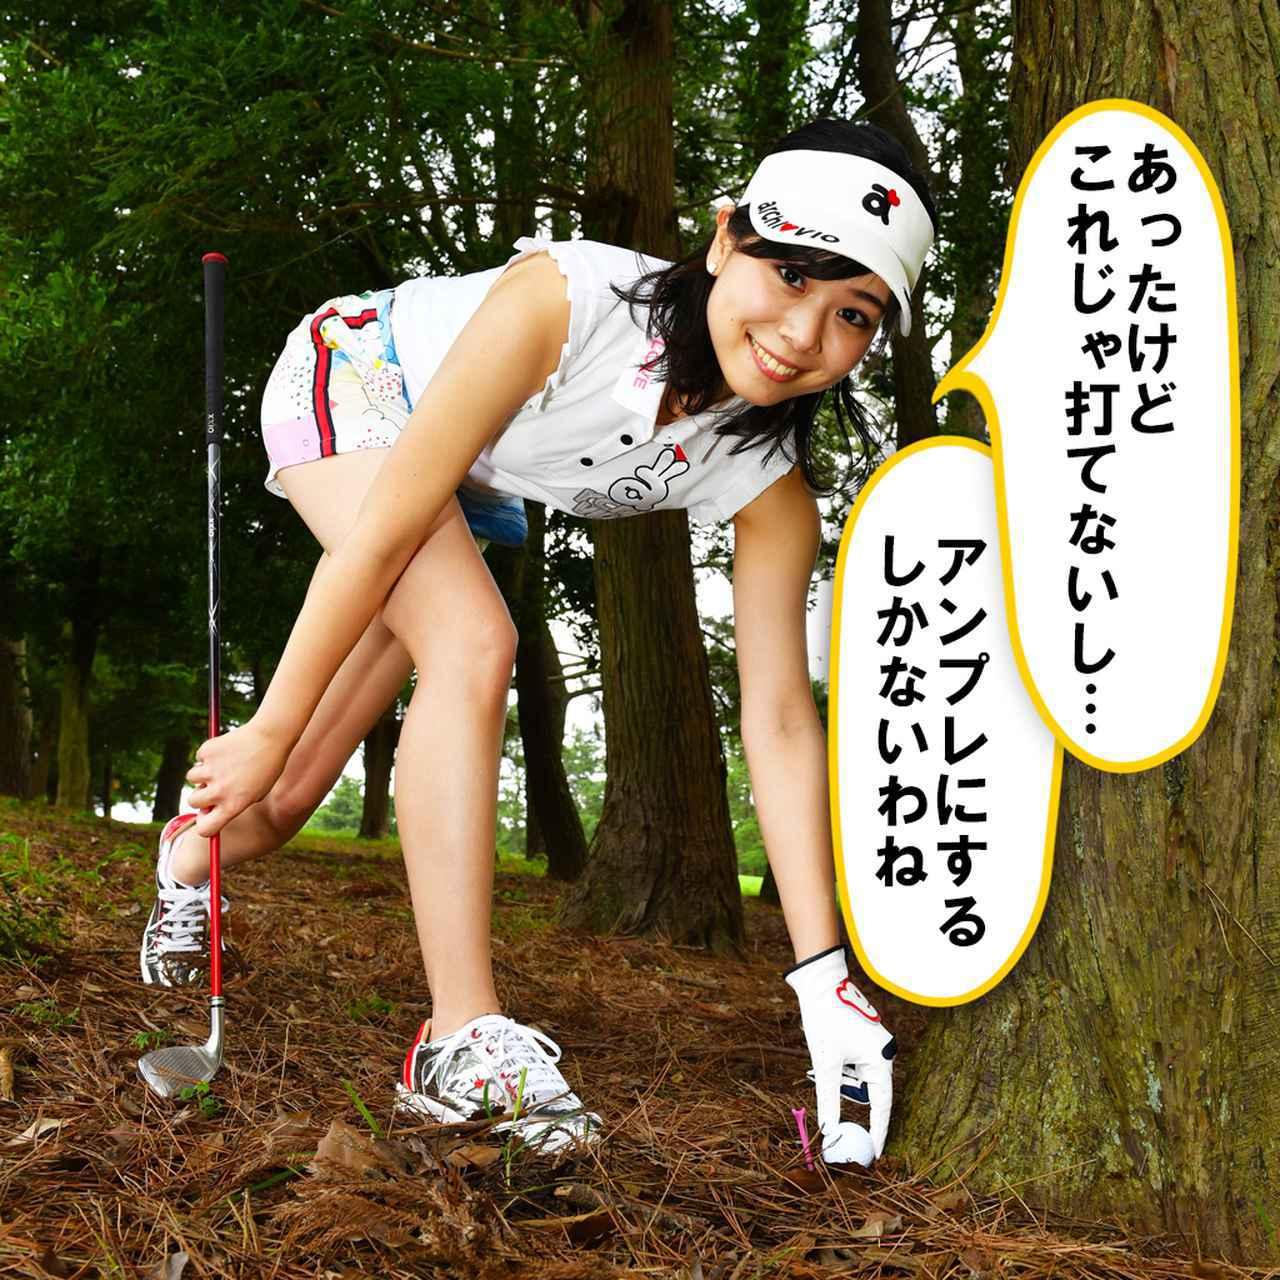 画像2: 【新ルール】アンプレでドロップした球がもとにもどっちゃった! 再ドロップはできる?